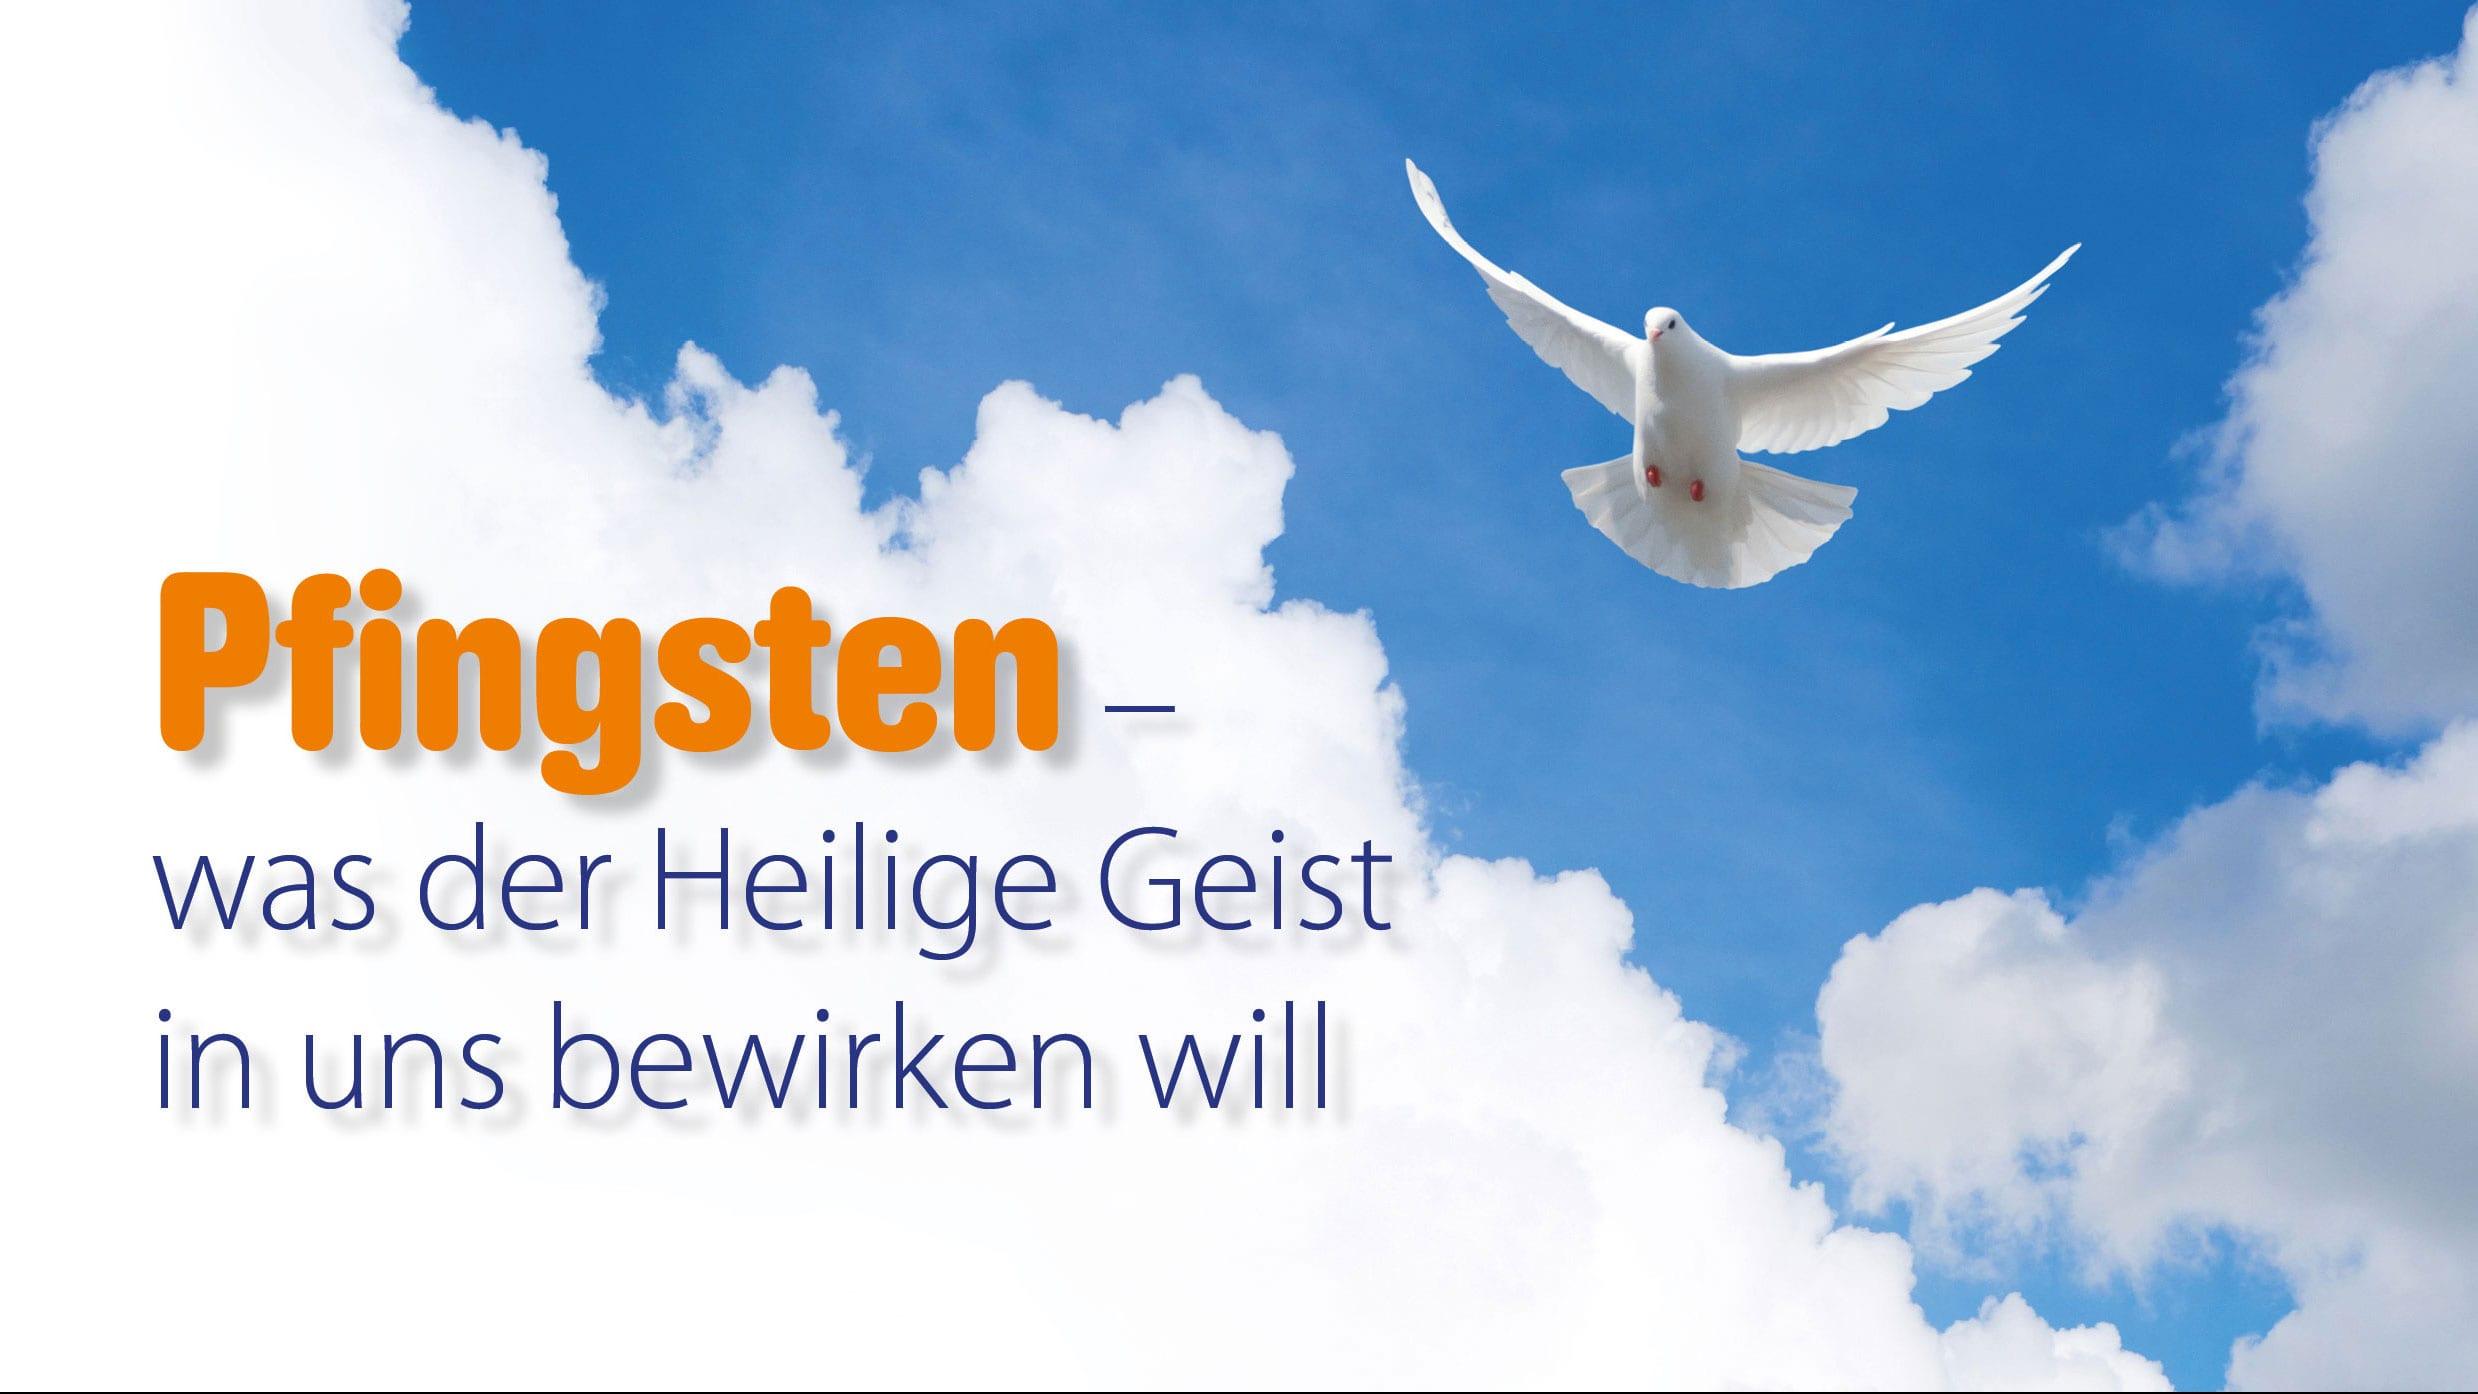 Pfingsten - was der Heilige Geist in uns bewirken will